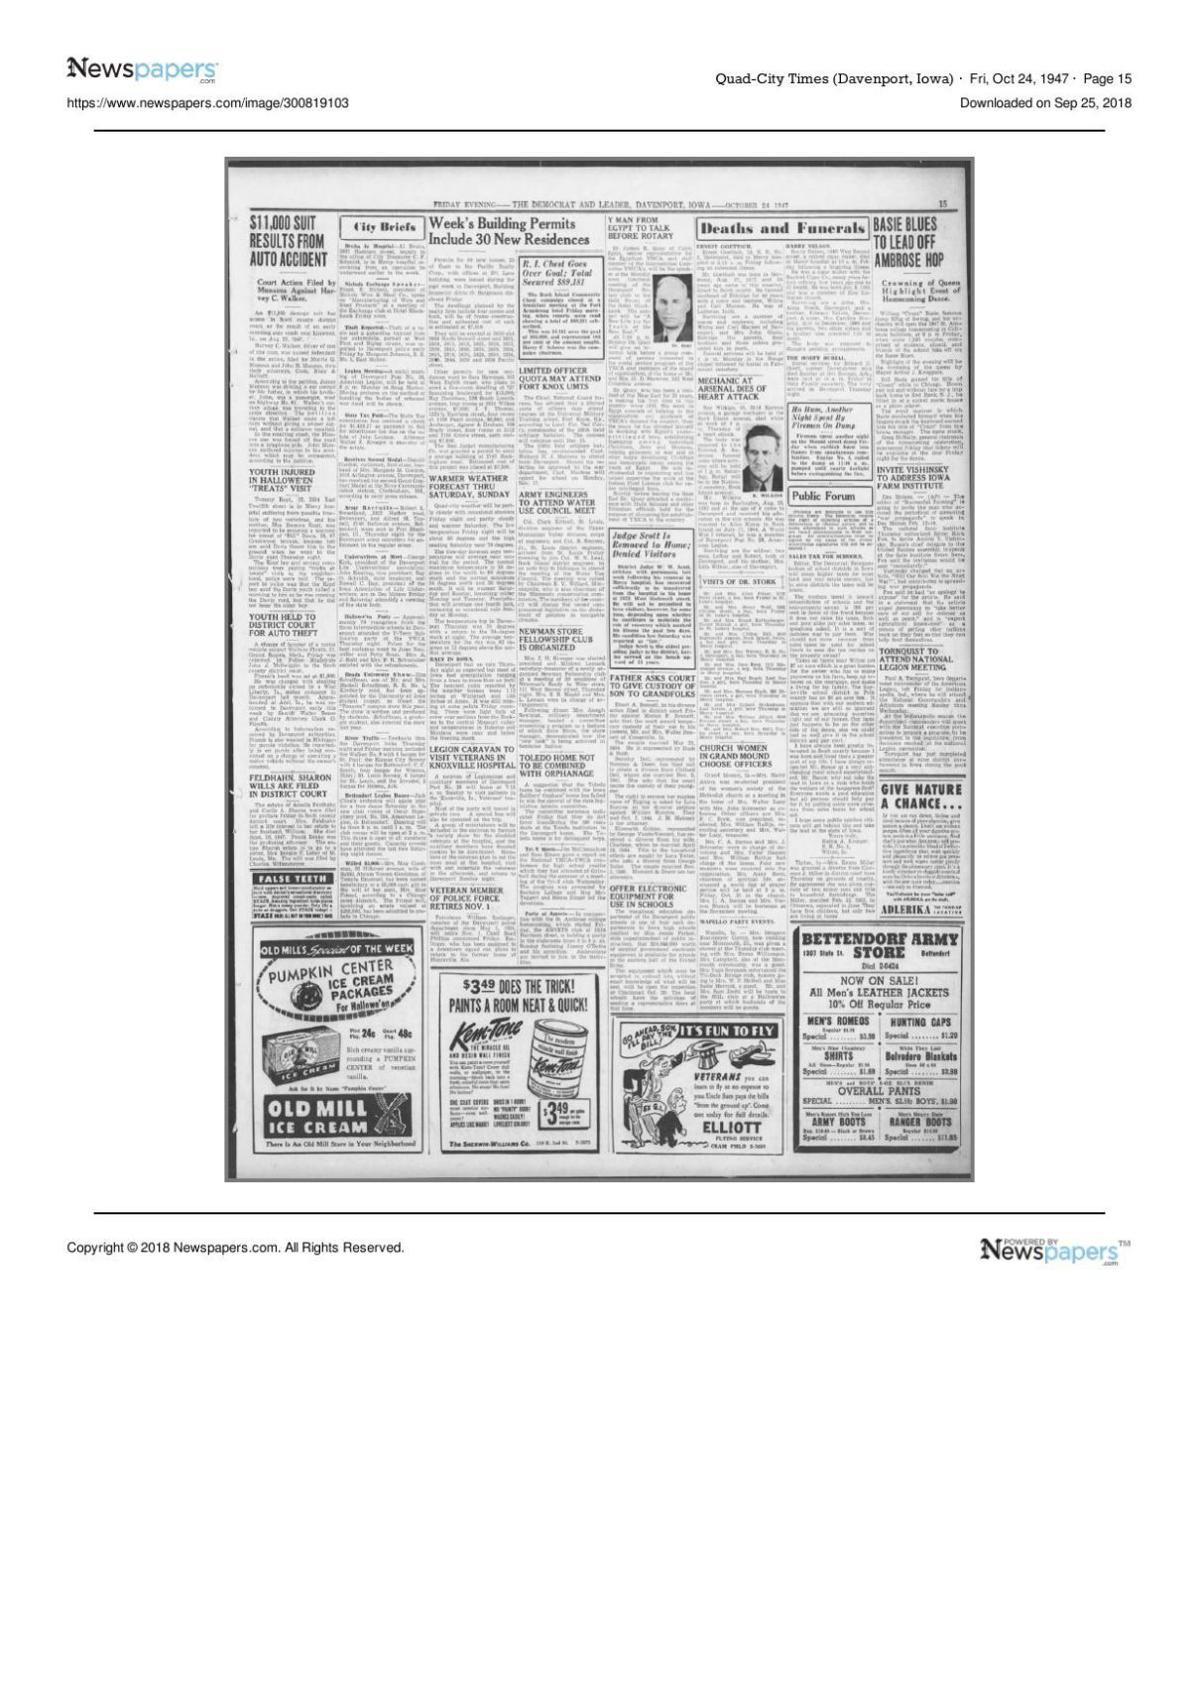 Oct. 24, 1947